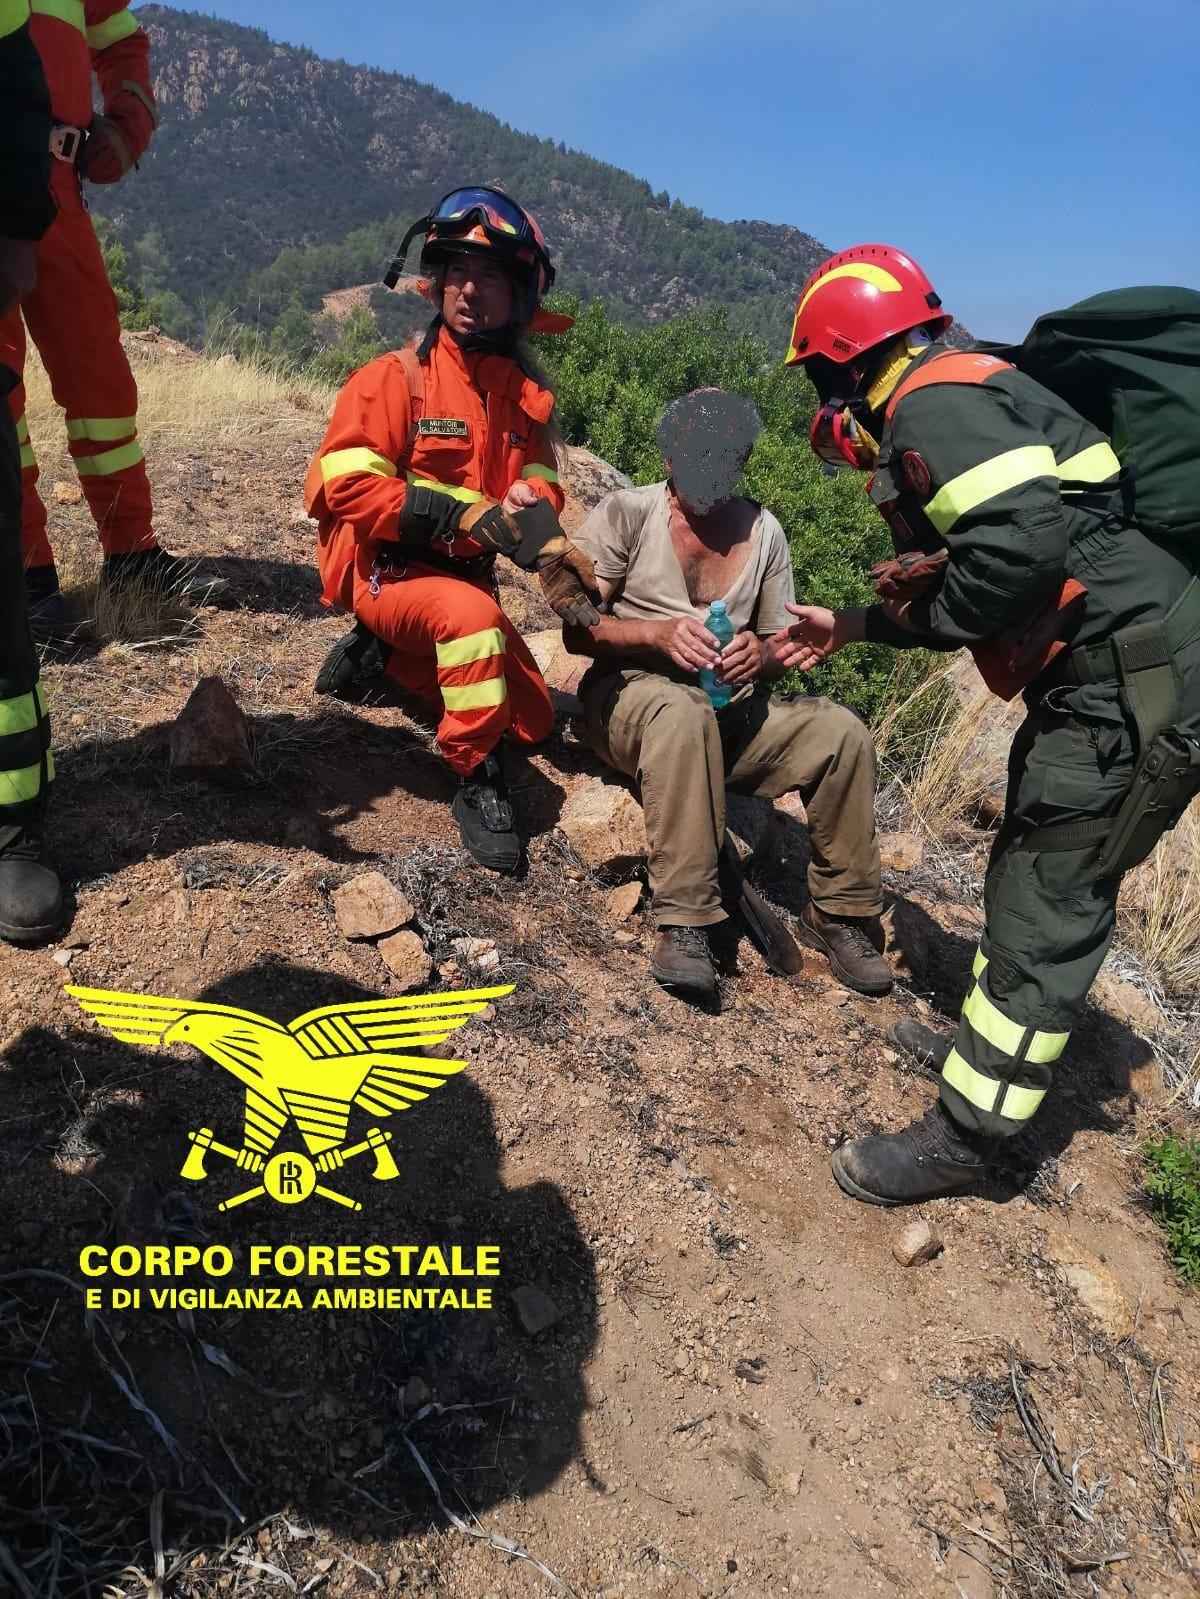 Corpo forestale e personale Forestas hanno prestato soccorso ad un anziano in difficoltà a causa di un malore durante l'incendio in corso sul litorale di Pula.